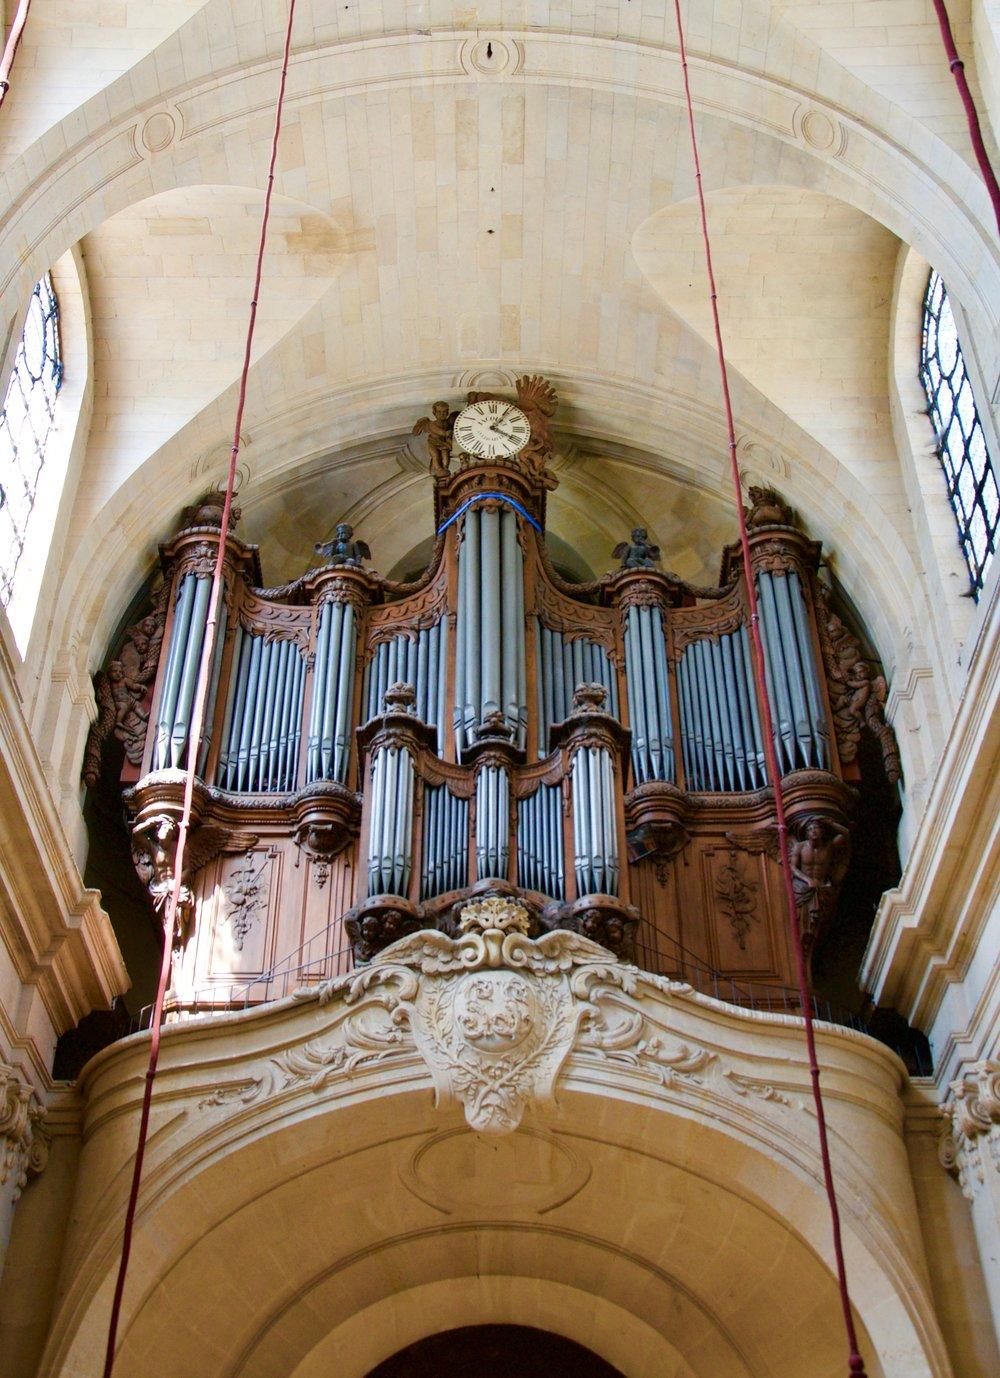 The Grand Cavaillé-Coll Organ of Saint Louis in Versailles